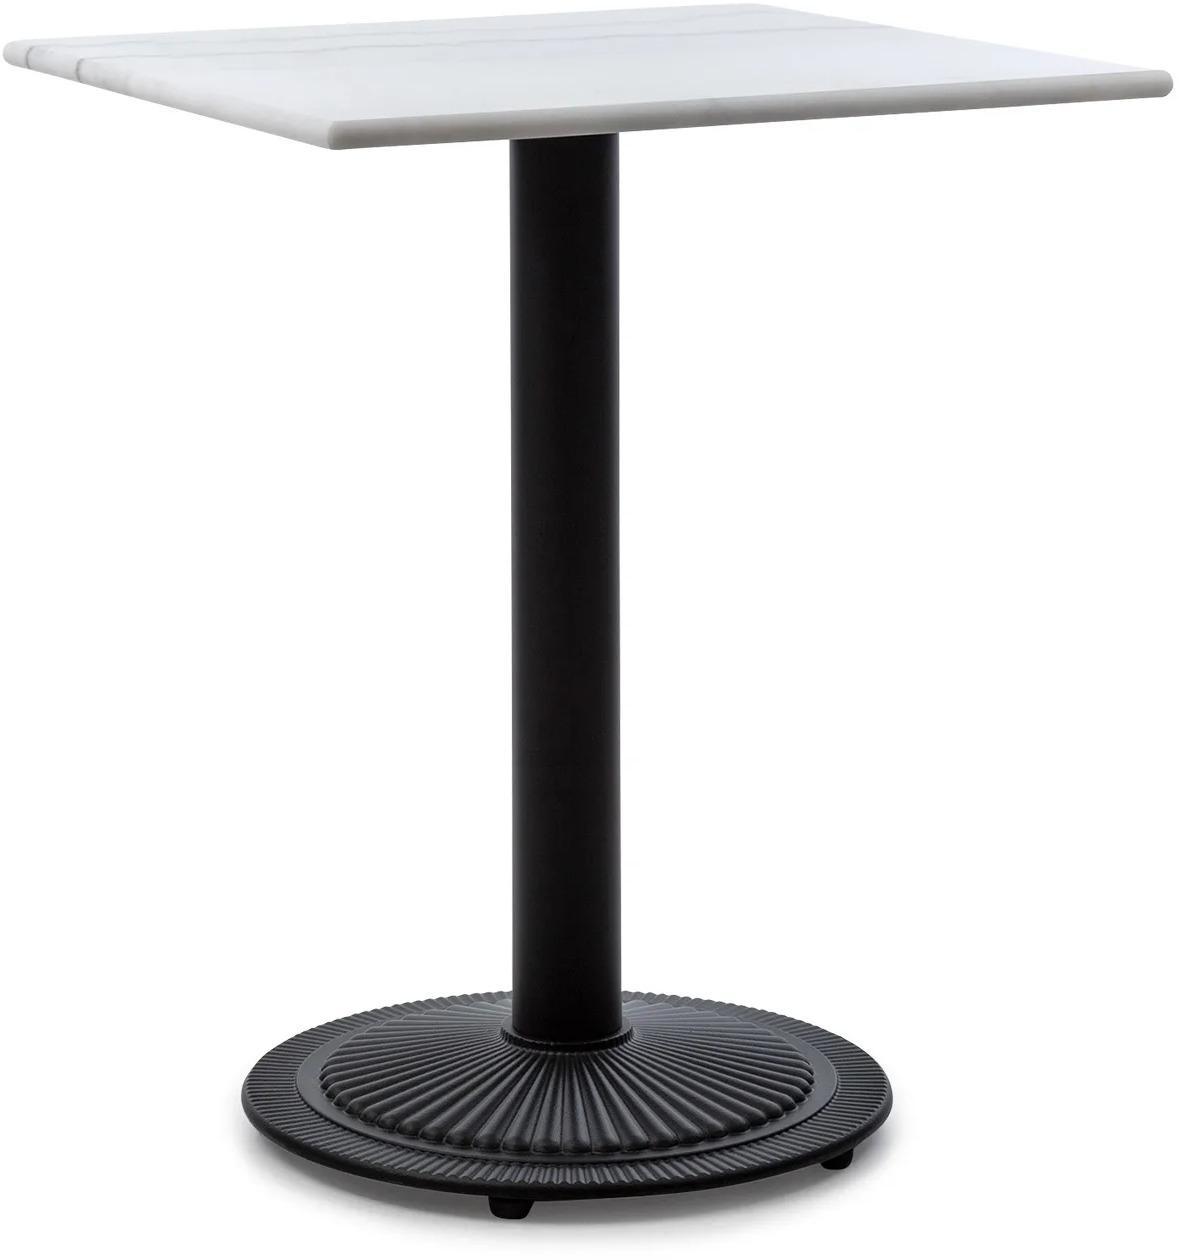 Blumfeldt Patras Onyx, bistro stolík, secesný štýl, mramor, 60 × 60 cm, výška: 72 cm, okrúhly